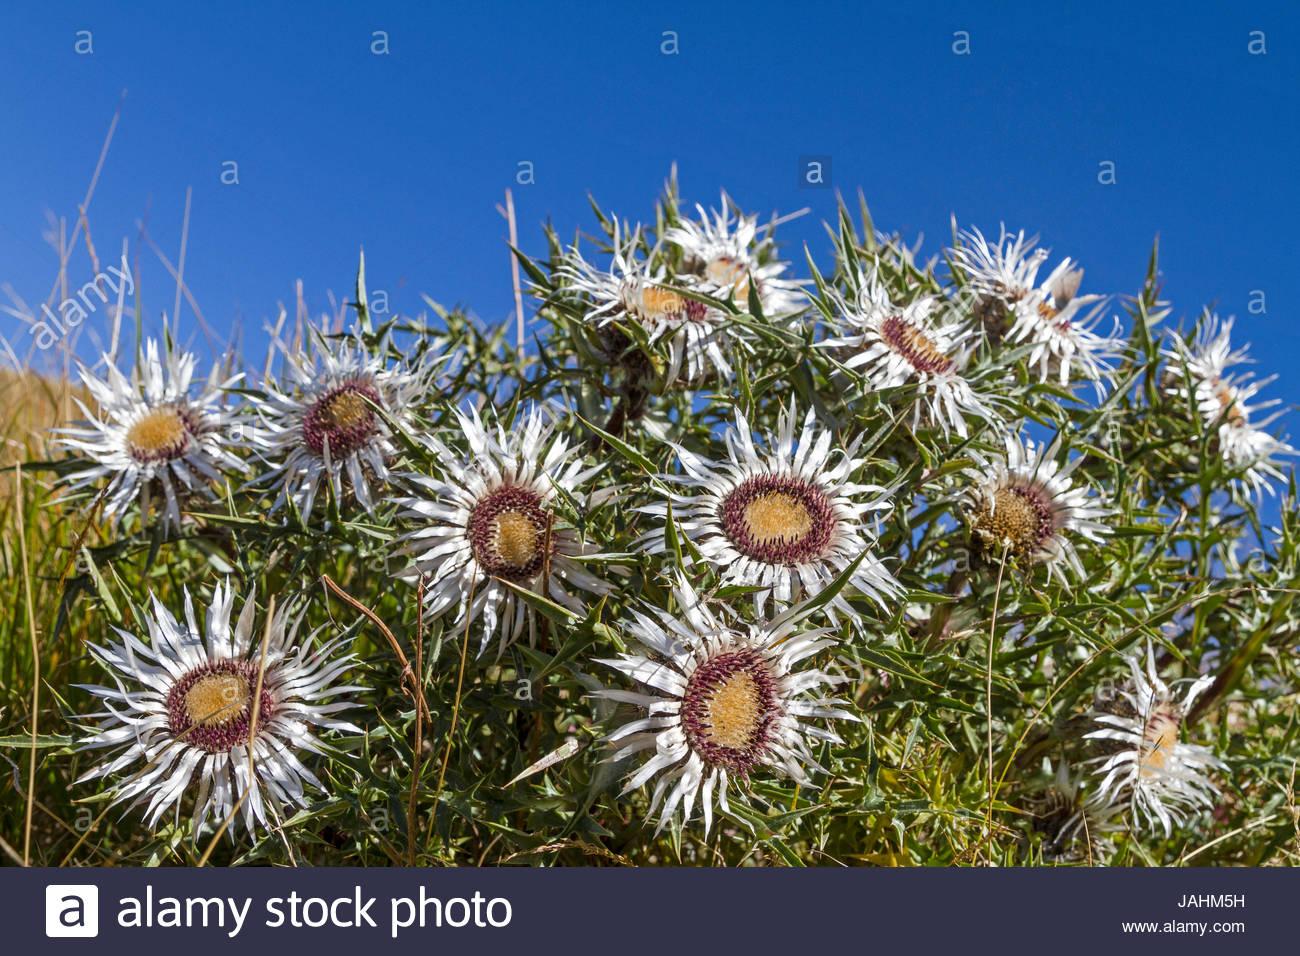 Silberdisteln sind auf vielen hochgelegenen Wiesen der Abruzze4n zu finden Stock Photo